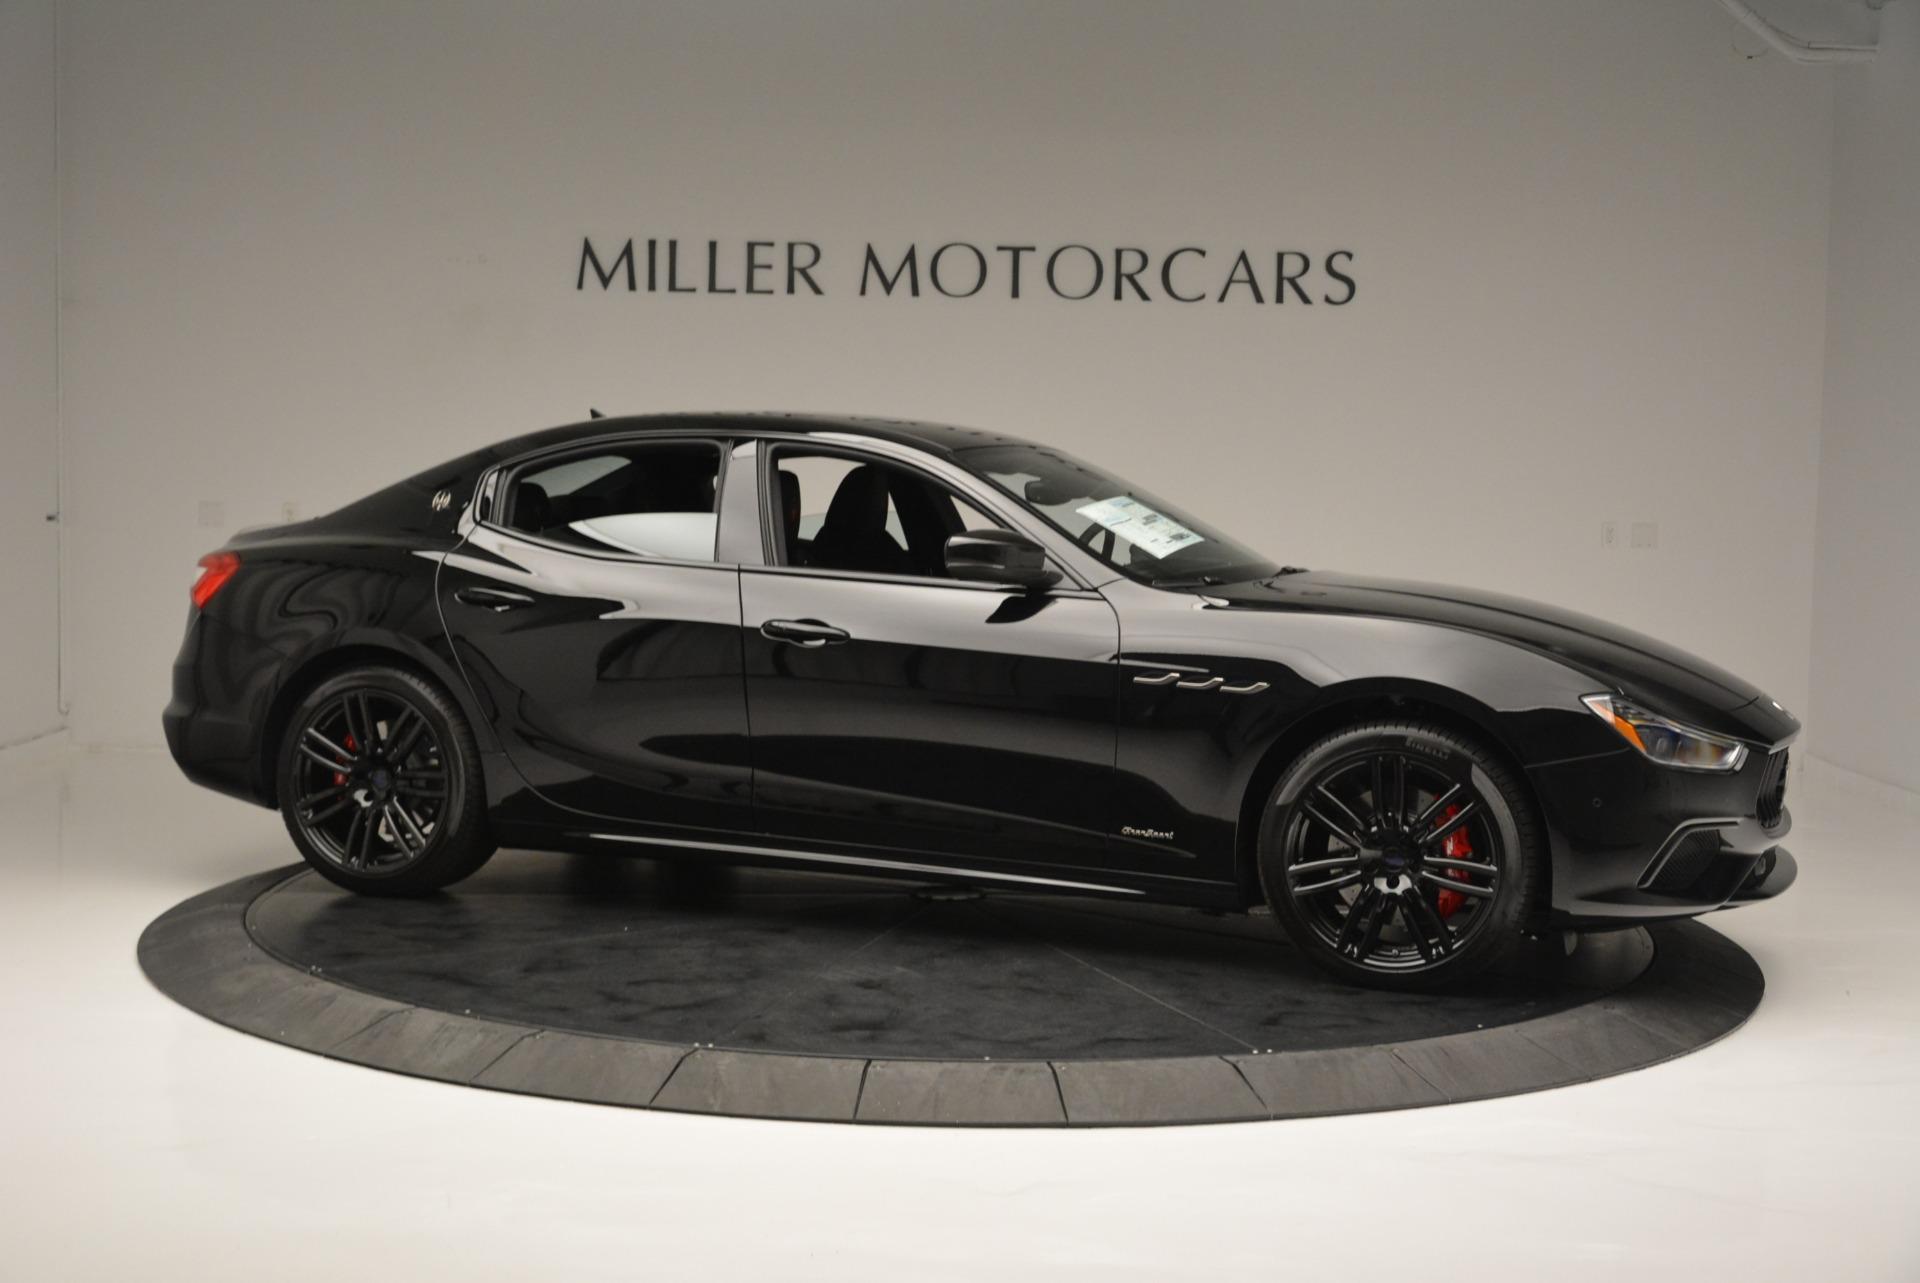 New 2018 Maserati Ghibli SQ4 GranSport Nerissimo For Sale In Greenwich, CT. Alfa Romeo of Greenwich, M2171 2366_p10